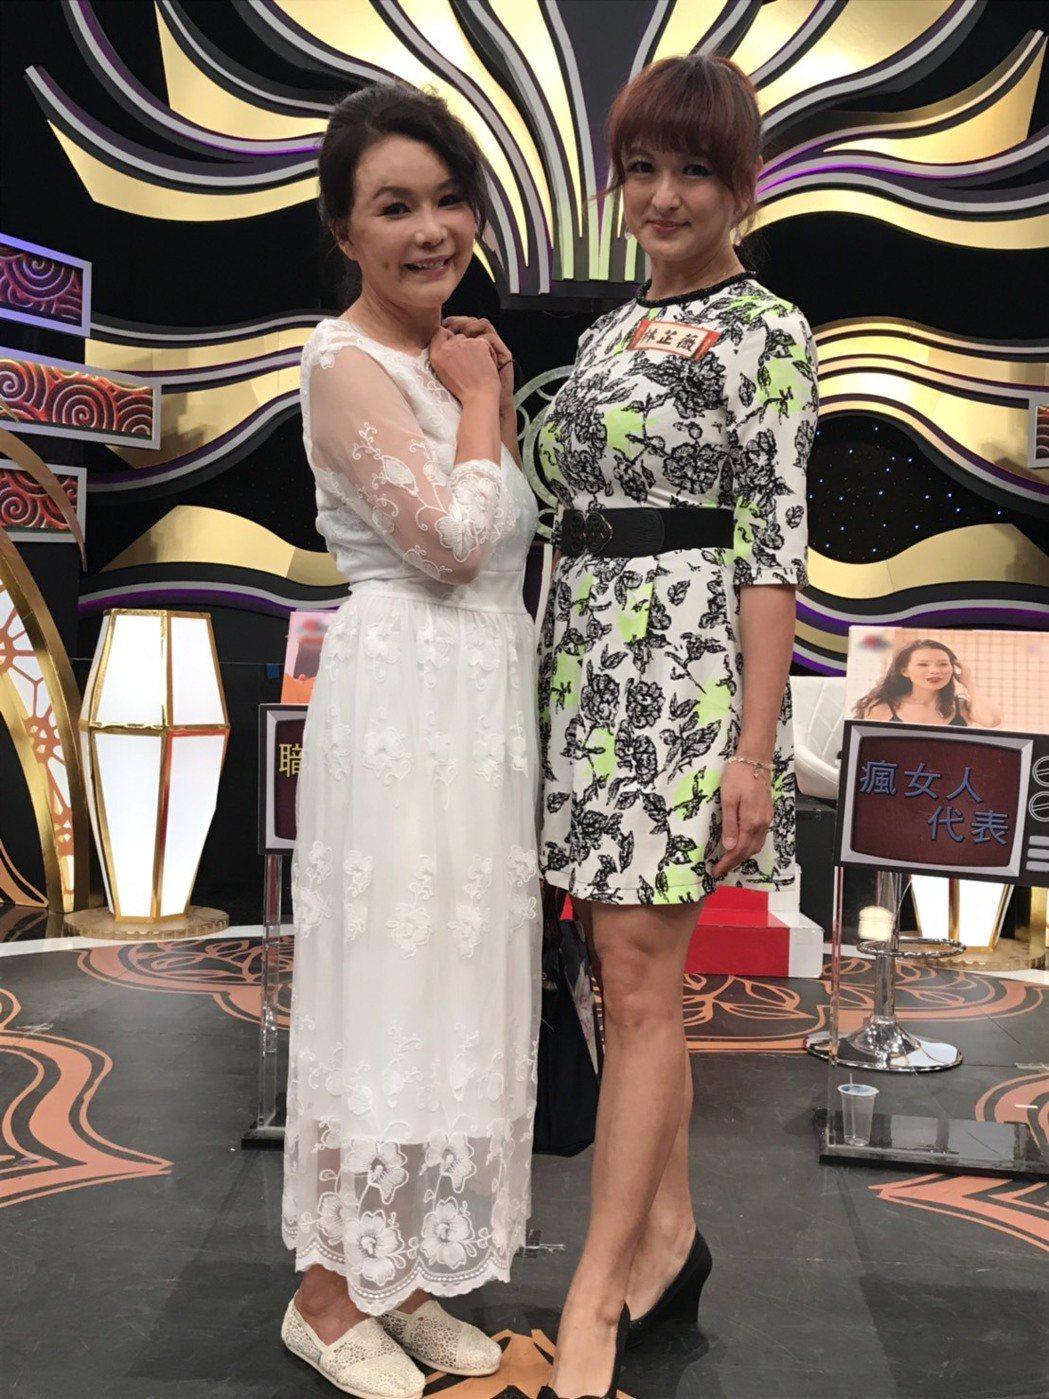 林玉紫(左)和利菁曾是演員訓練班同班同學。記者葉君遠/攝影